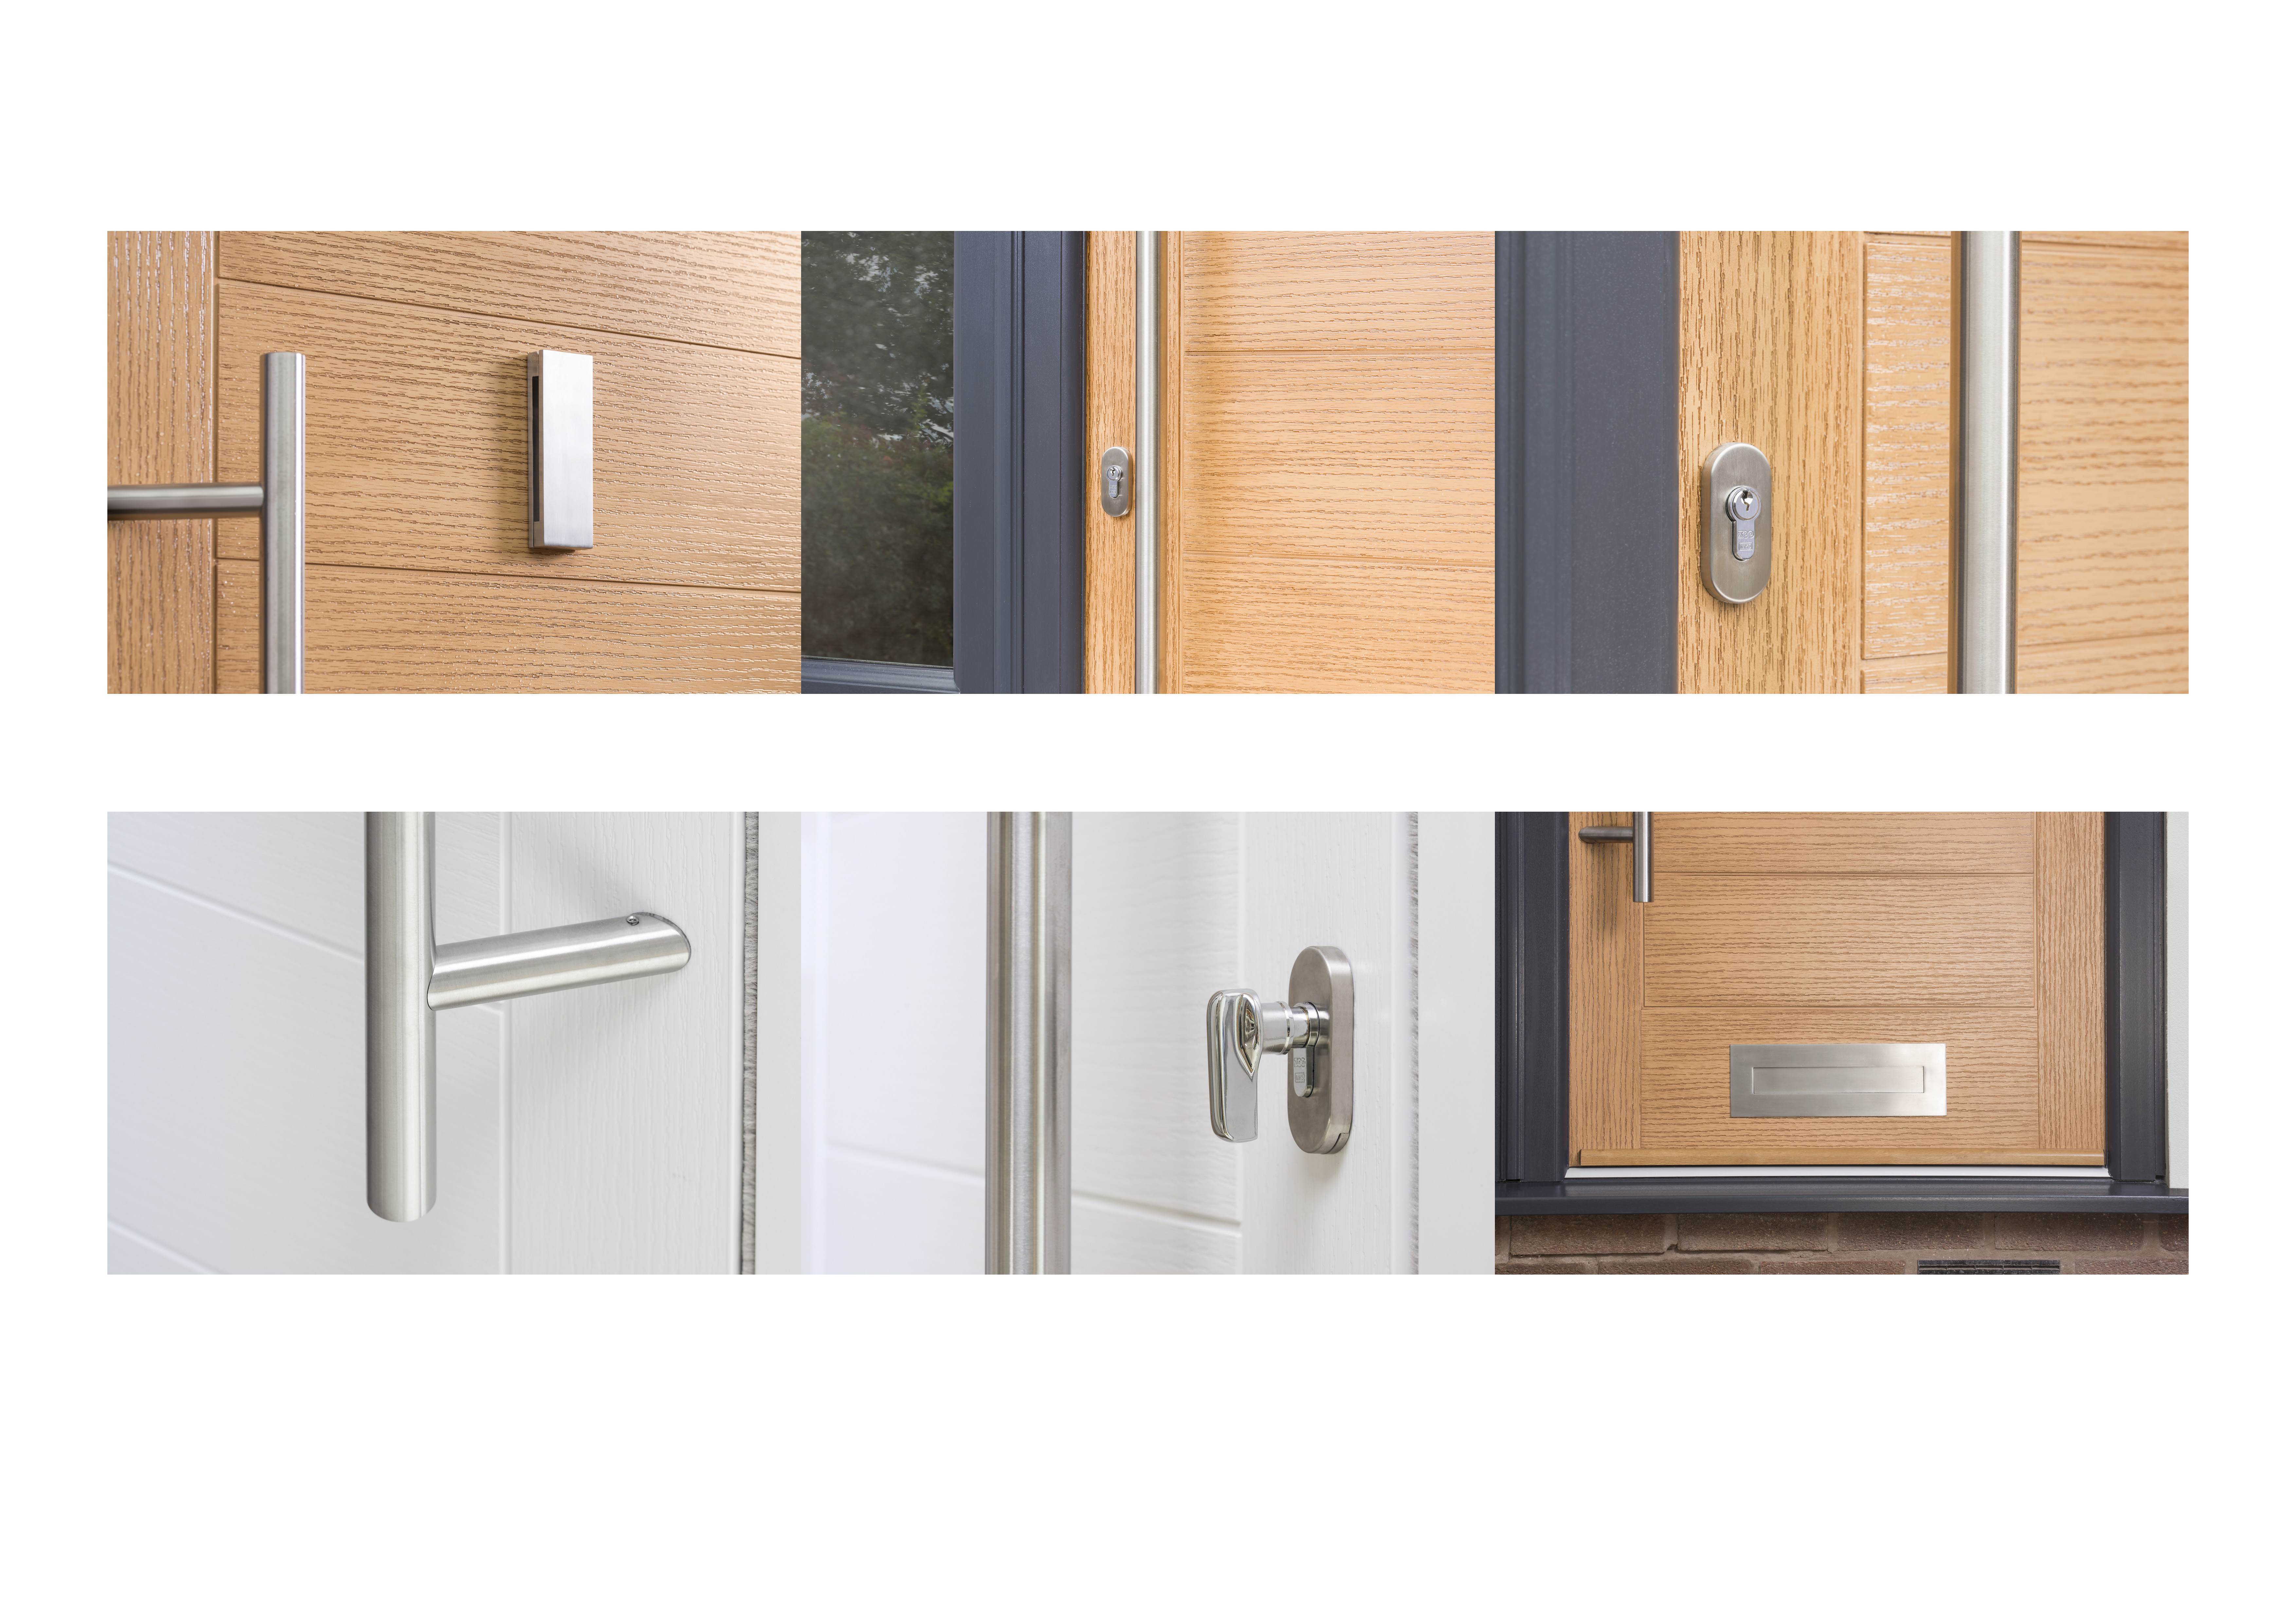 Stainless Steel Door Hardware Options